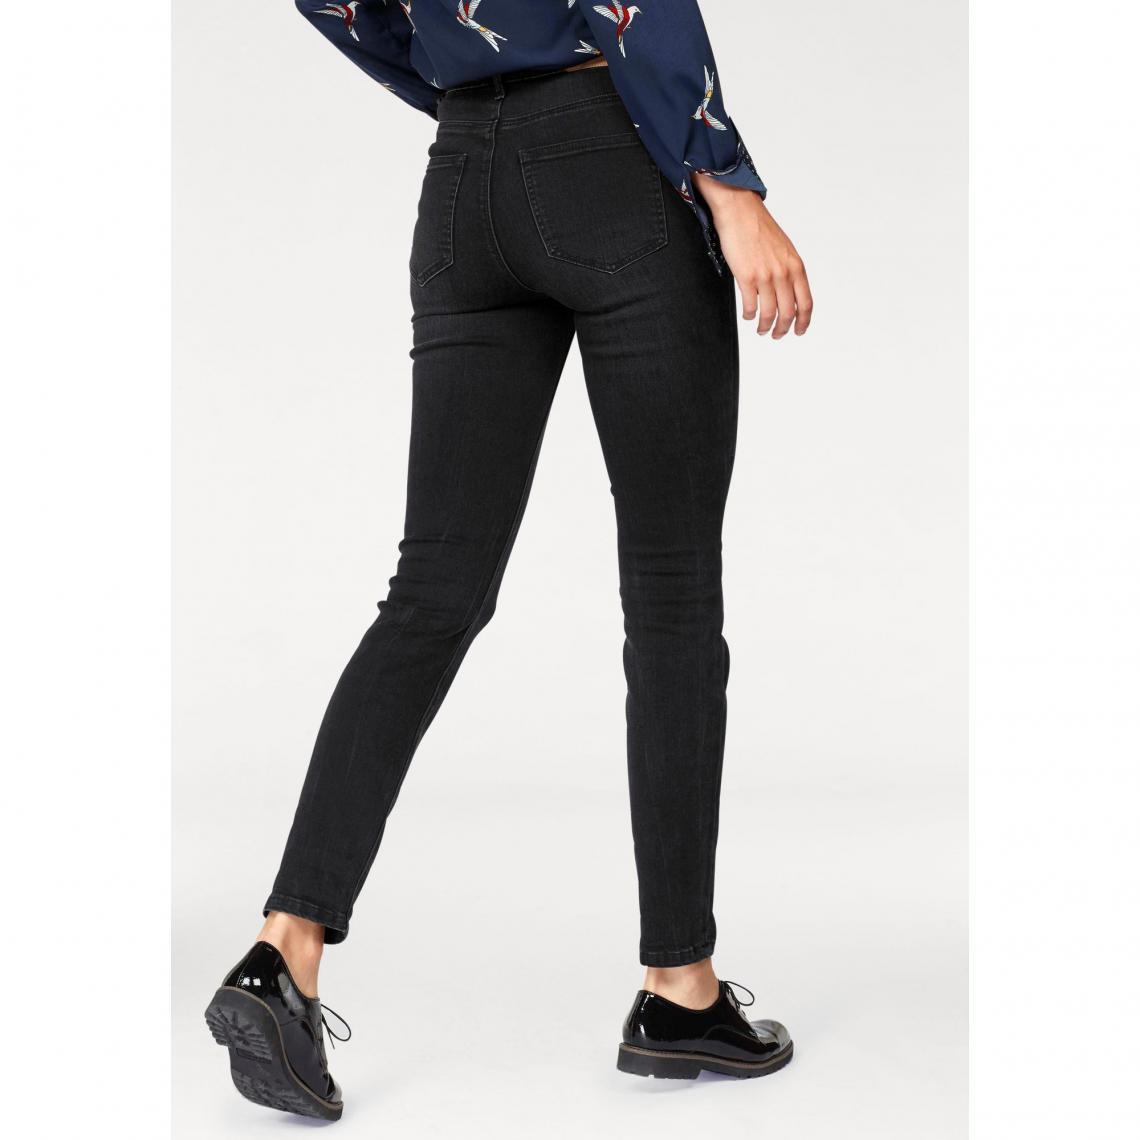 c71ce9a1f84c48 Jean skinny taille haute femme AJC - Noir | 3 SUISSES